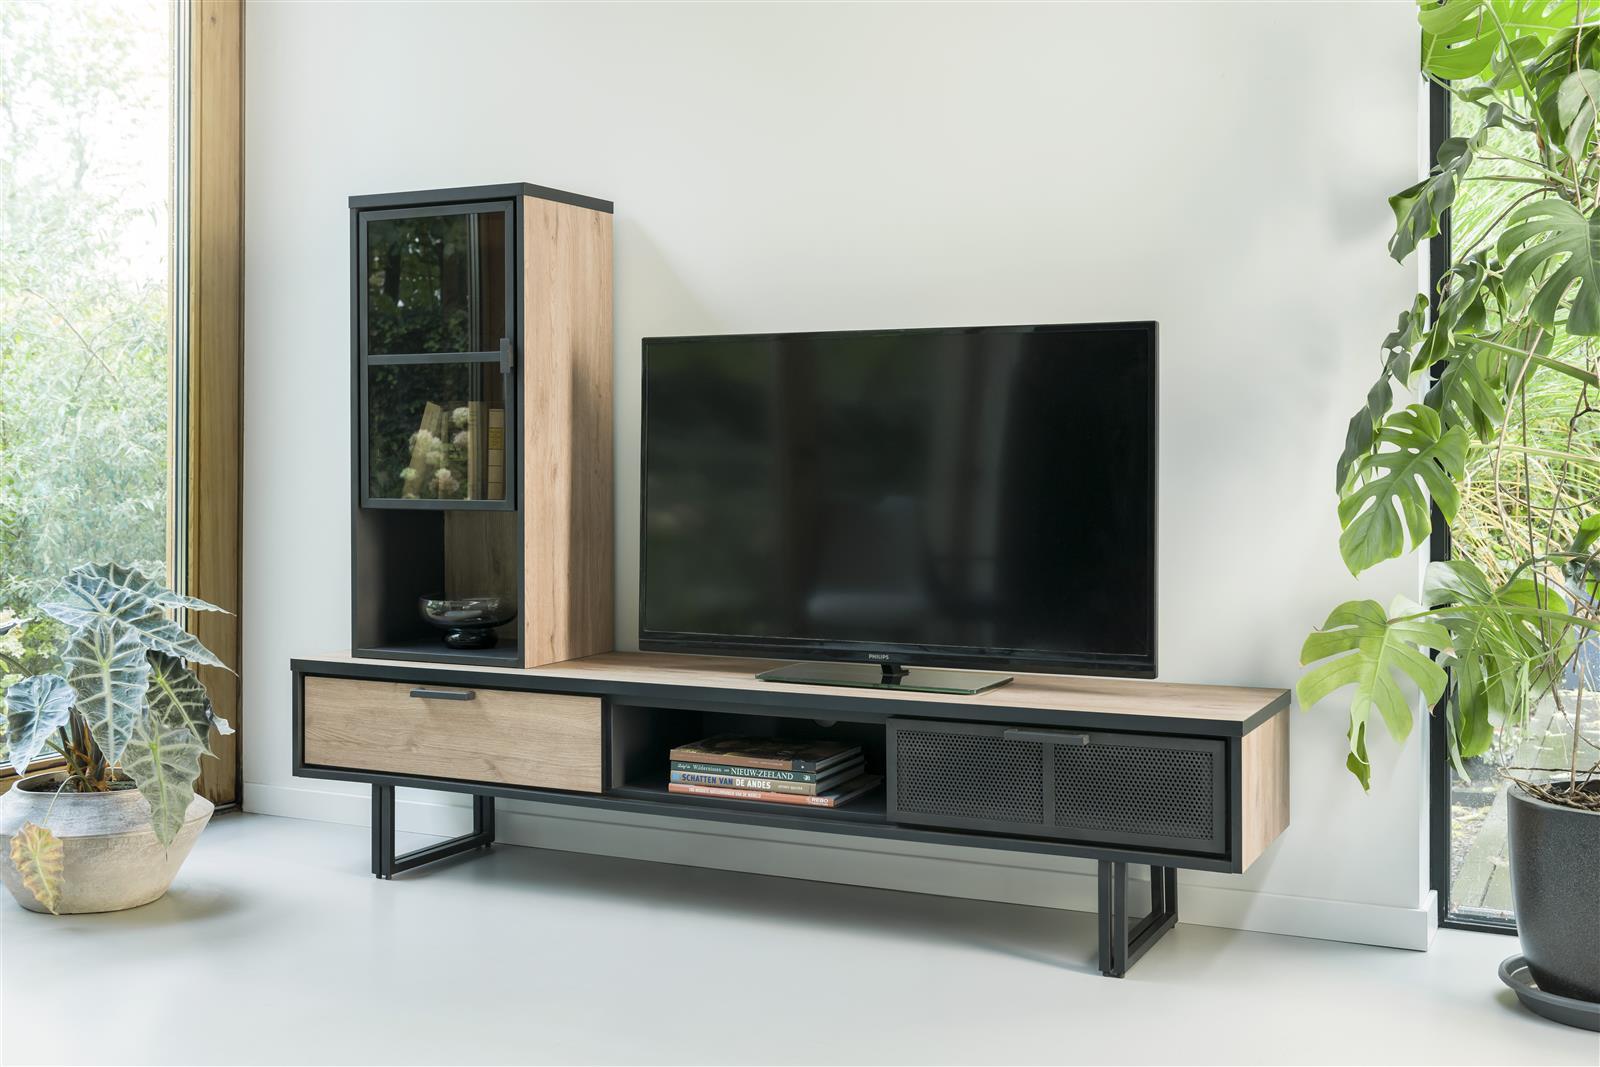 Meuble tv industriel avec étagères vitrées